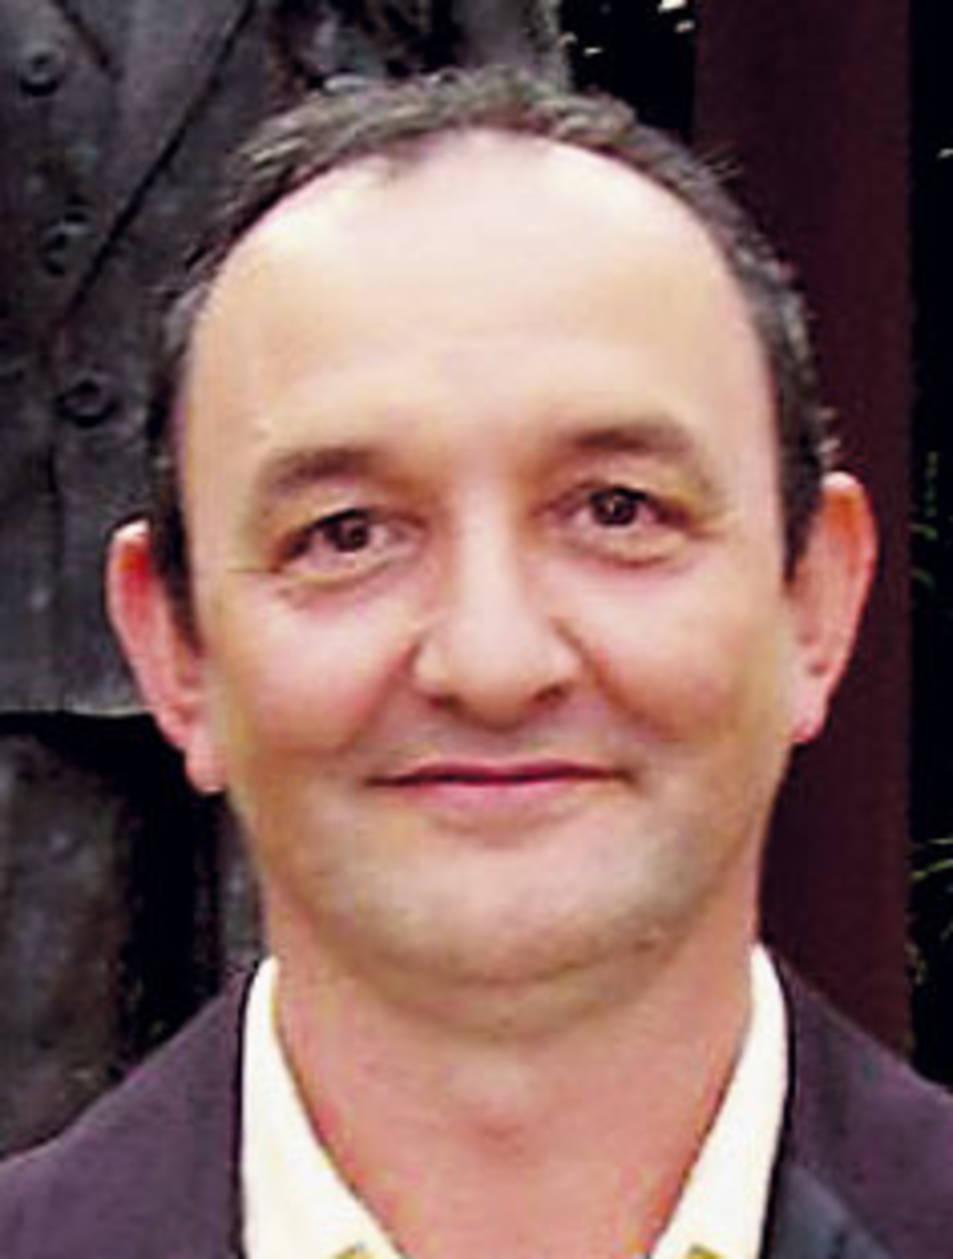 Jordi Cartanyà Benet